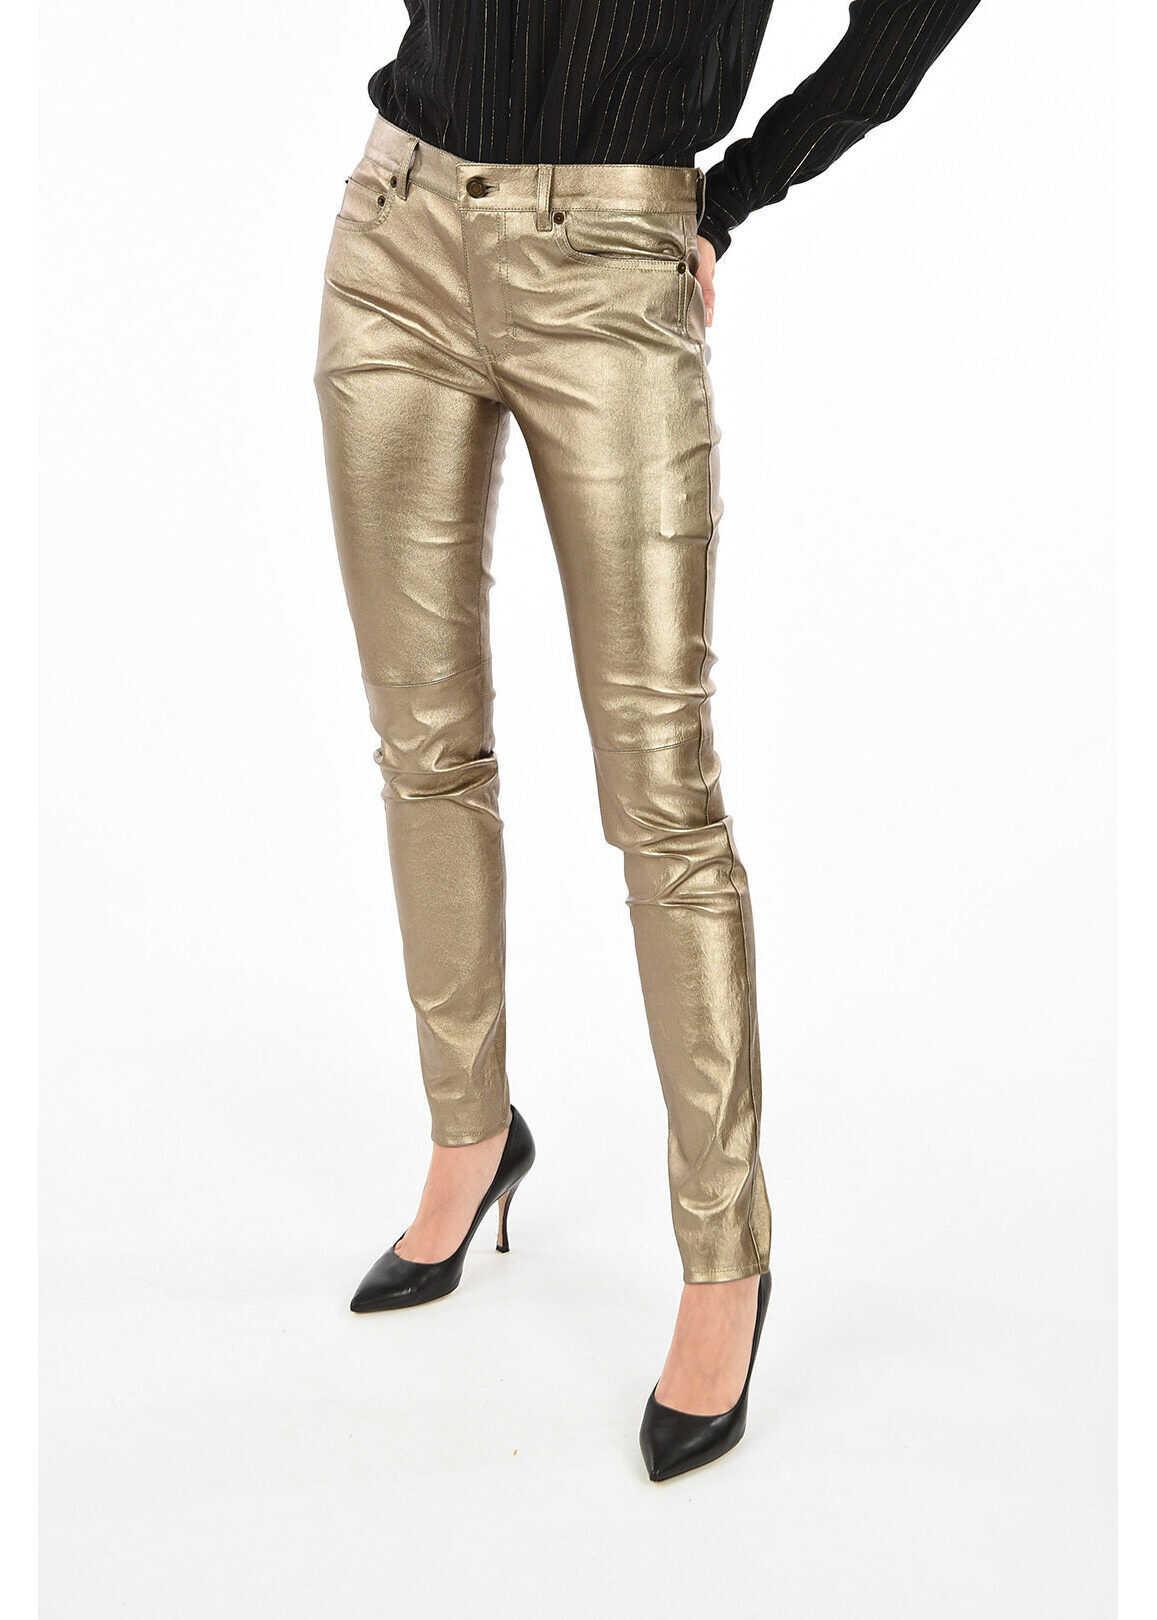 Saint Laurent leather 5 pocket pants GOLD